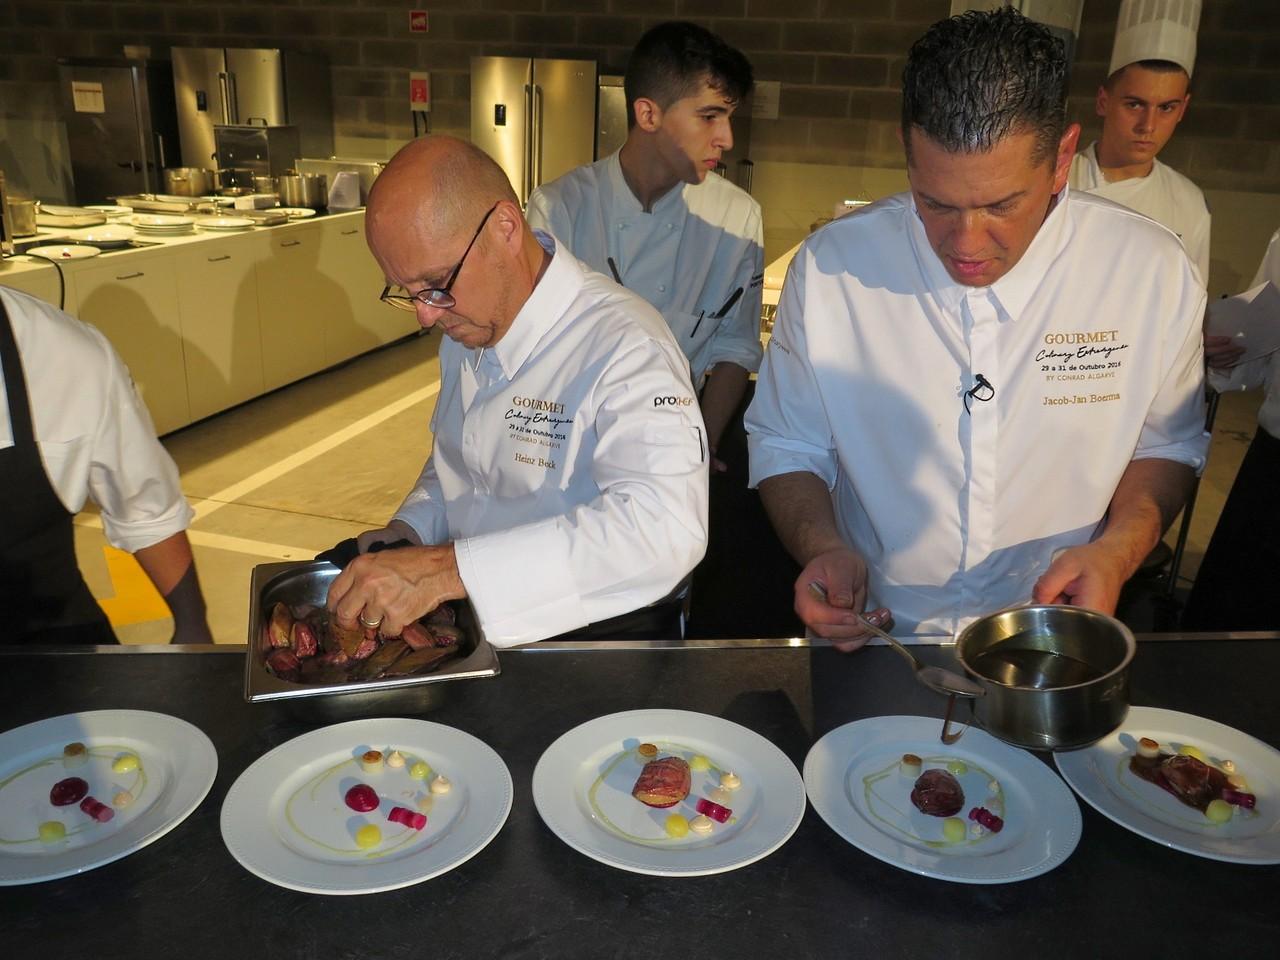 Heinz Beck empratando o pombo e Jacob Jan Boerma servindo o saboroso jus com imensa avelã